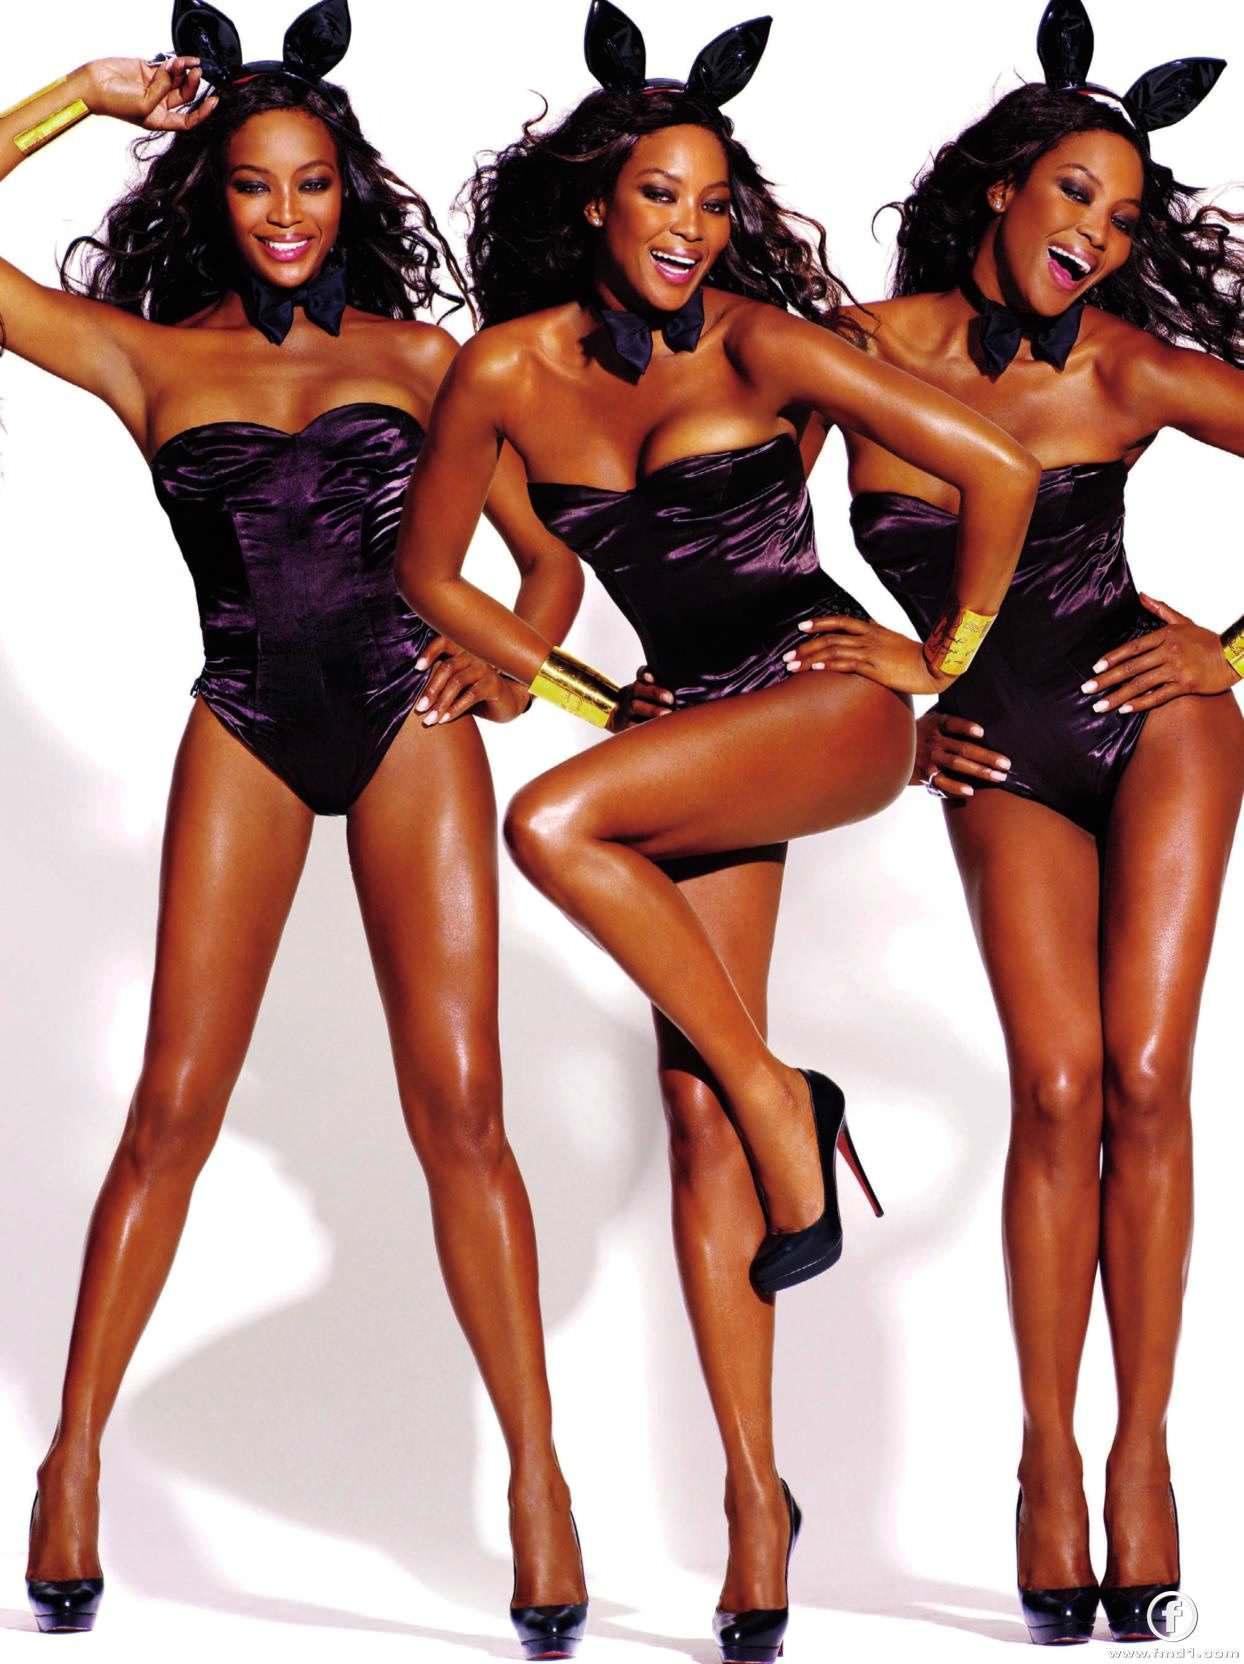 Naomi isyanda: Onlar da model mi!